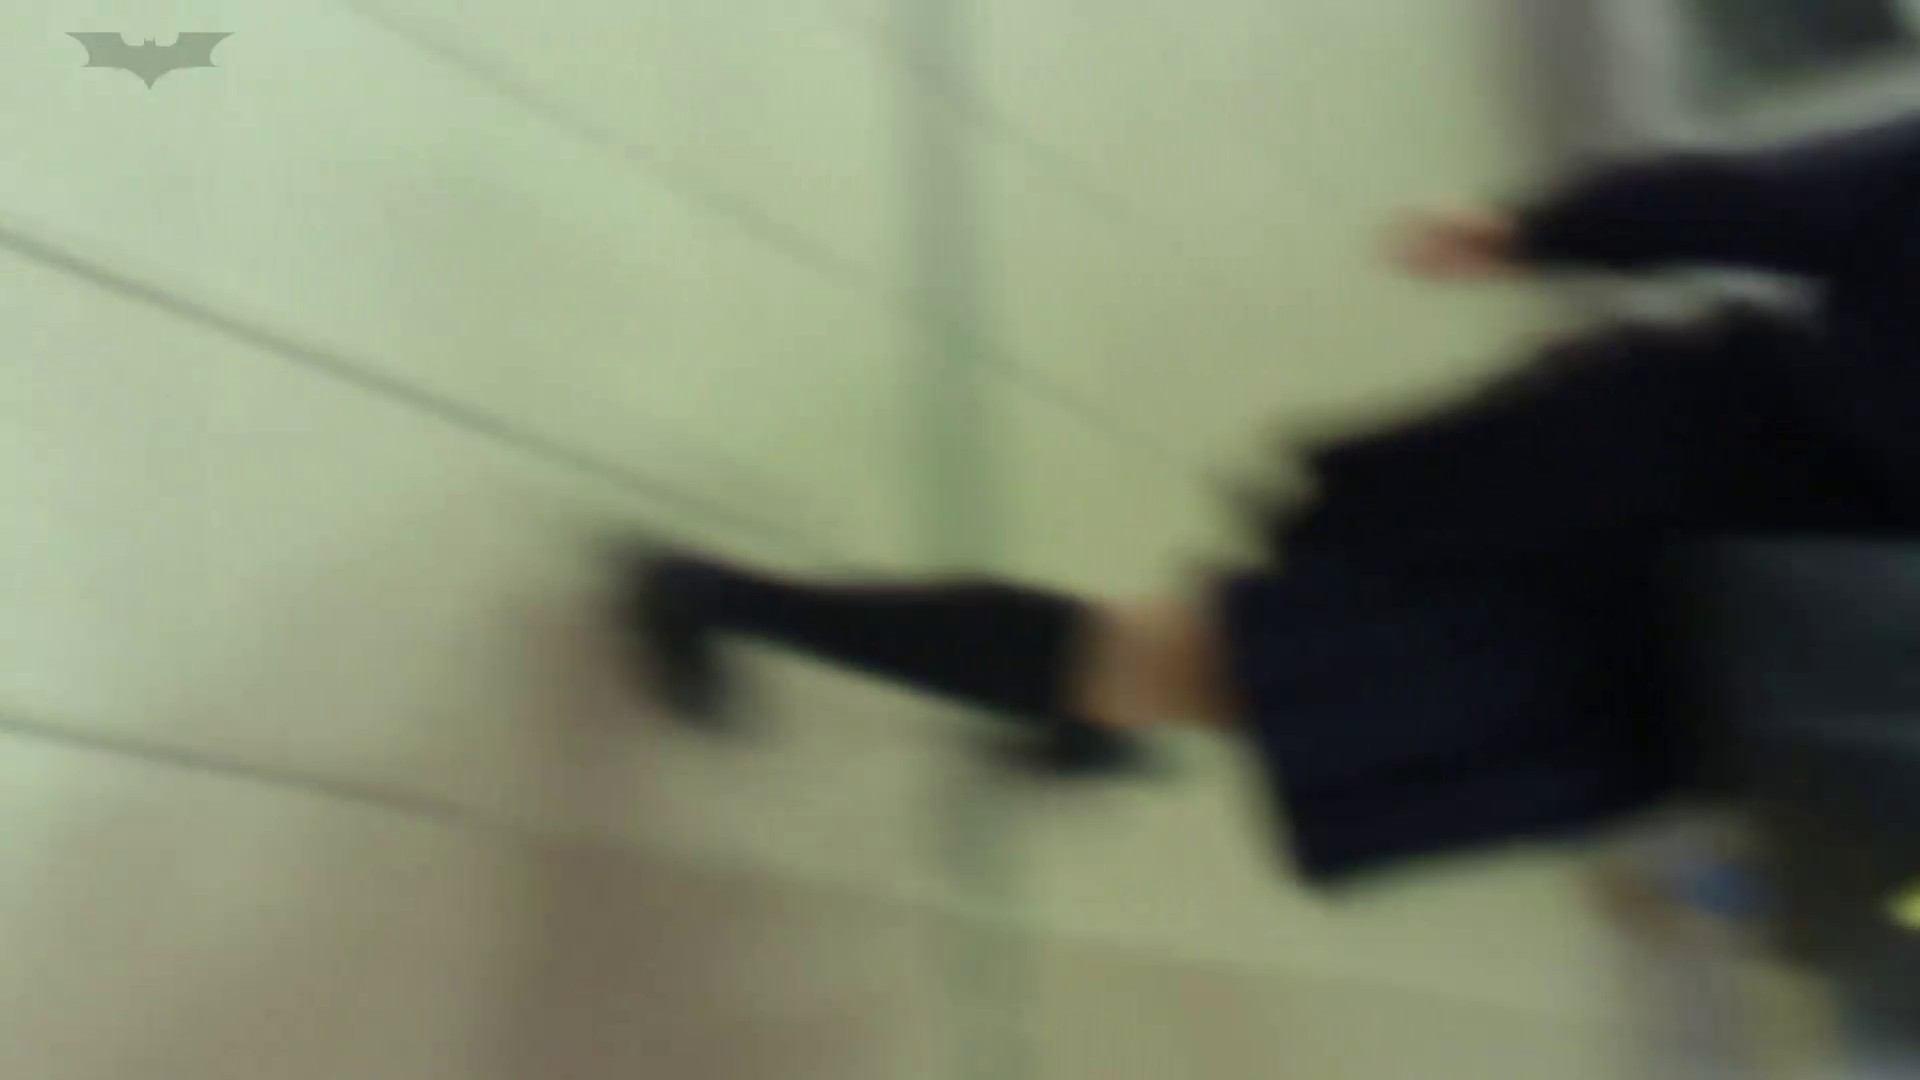 盗撮列車 Vol.50 制月反姿の妄想 パンチラ・ギャル AV無料動画キャプチャ 34画像 33